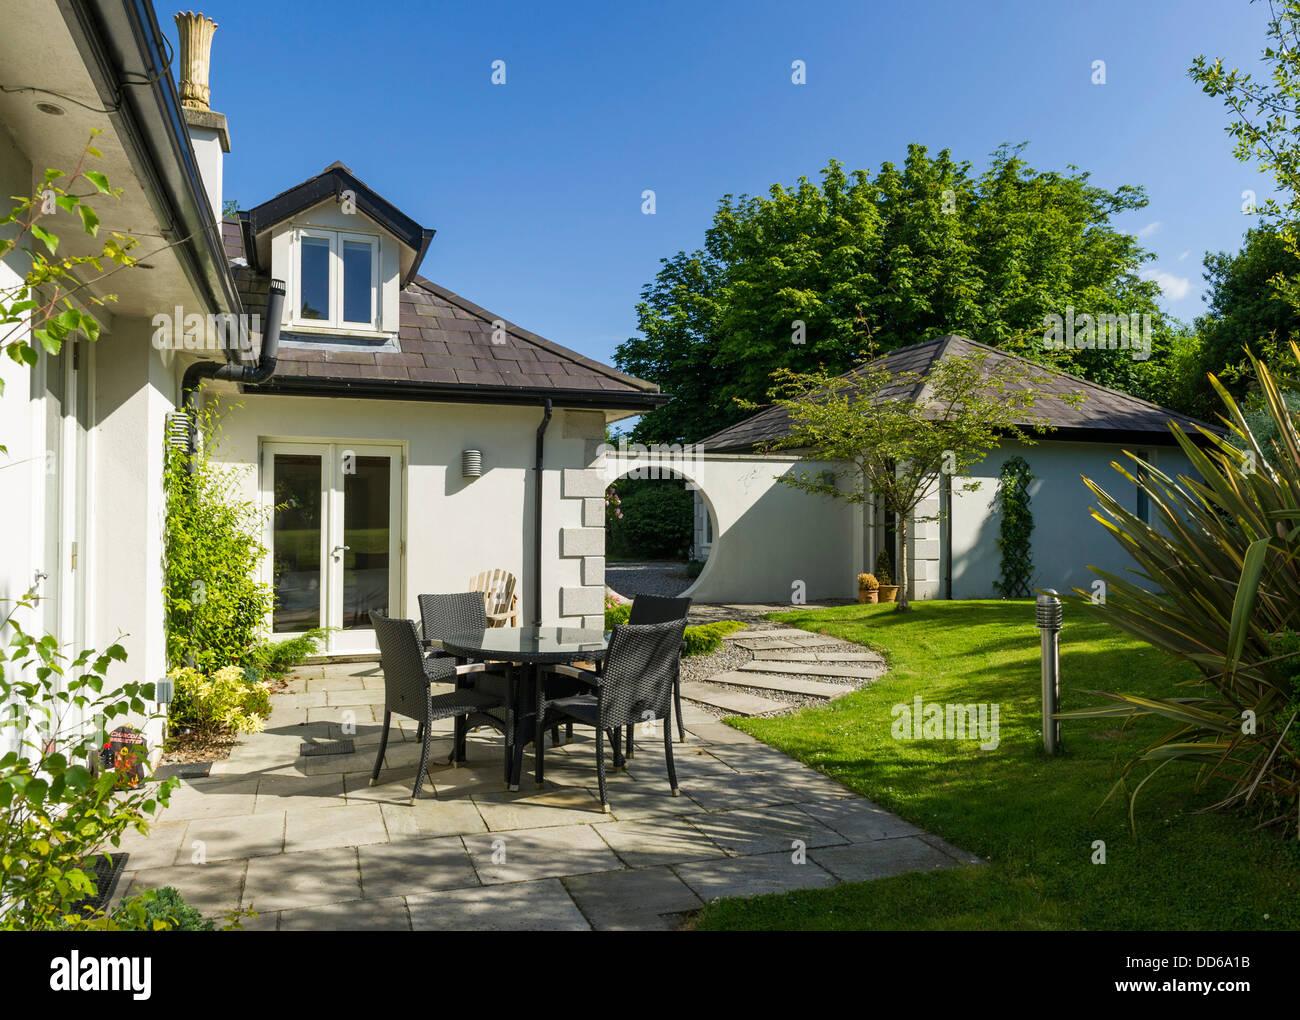 Pátio com mesa e cadeiras em uma casa residencial no verão Imagens de Stock